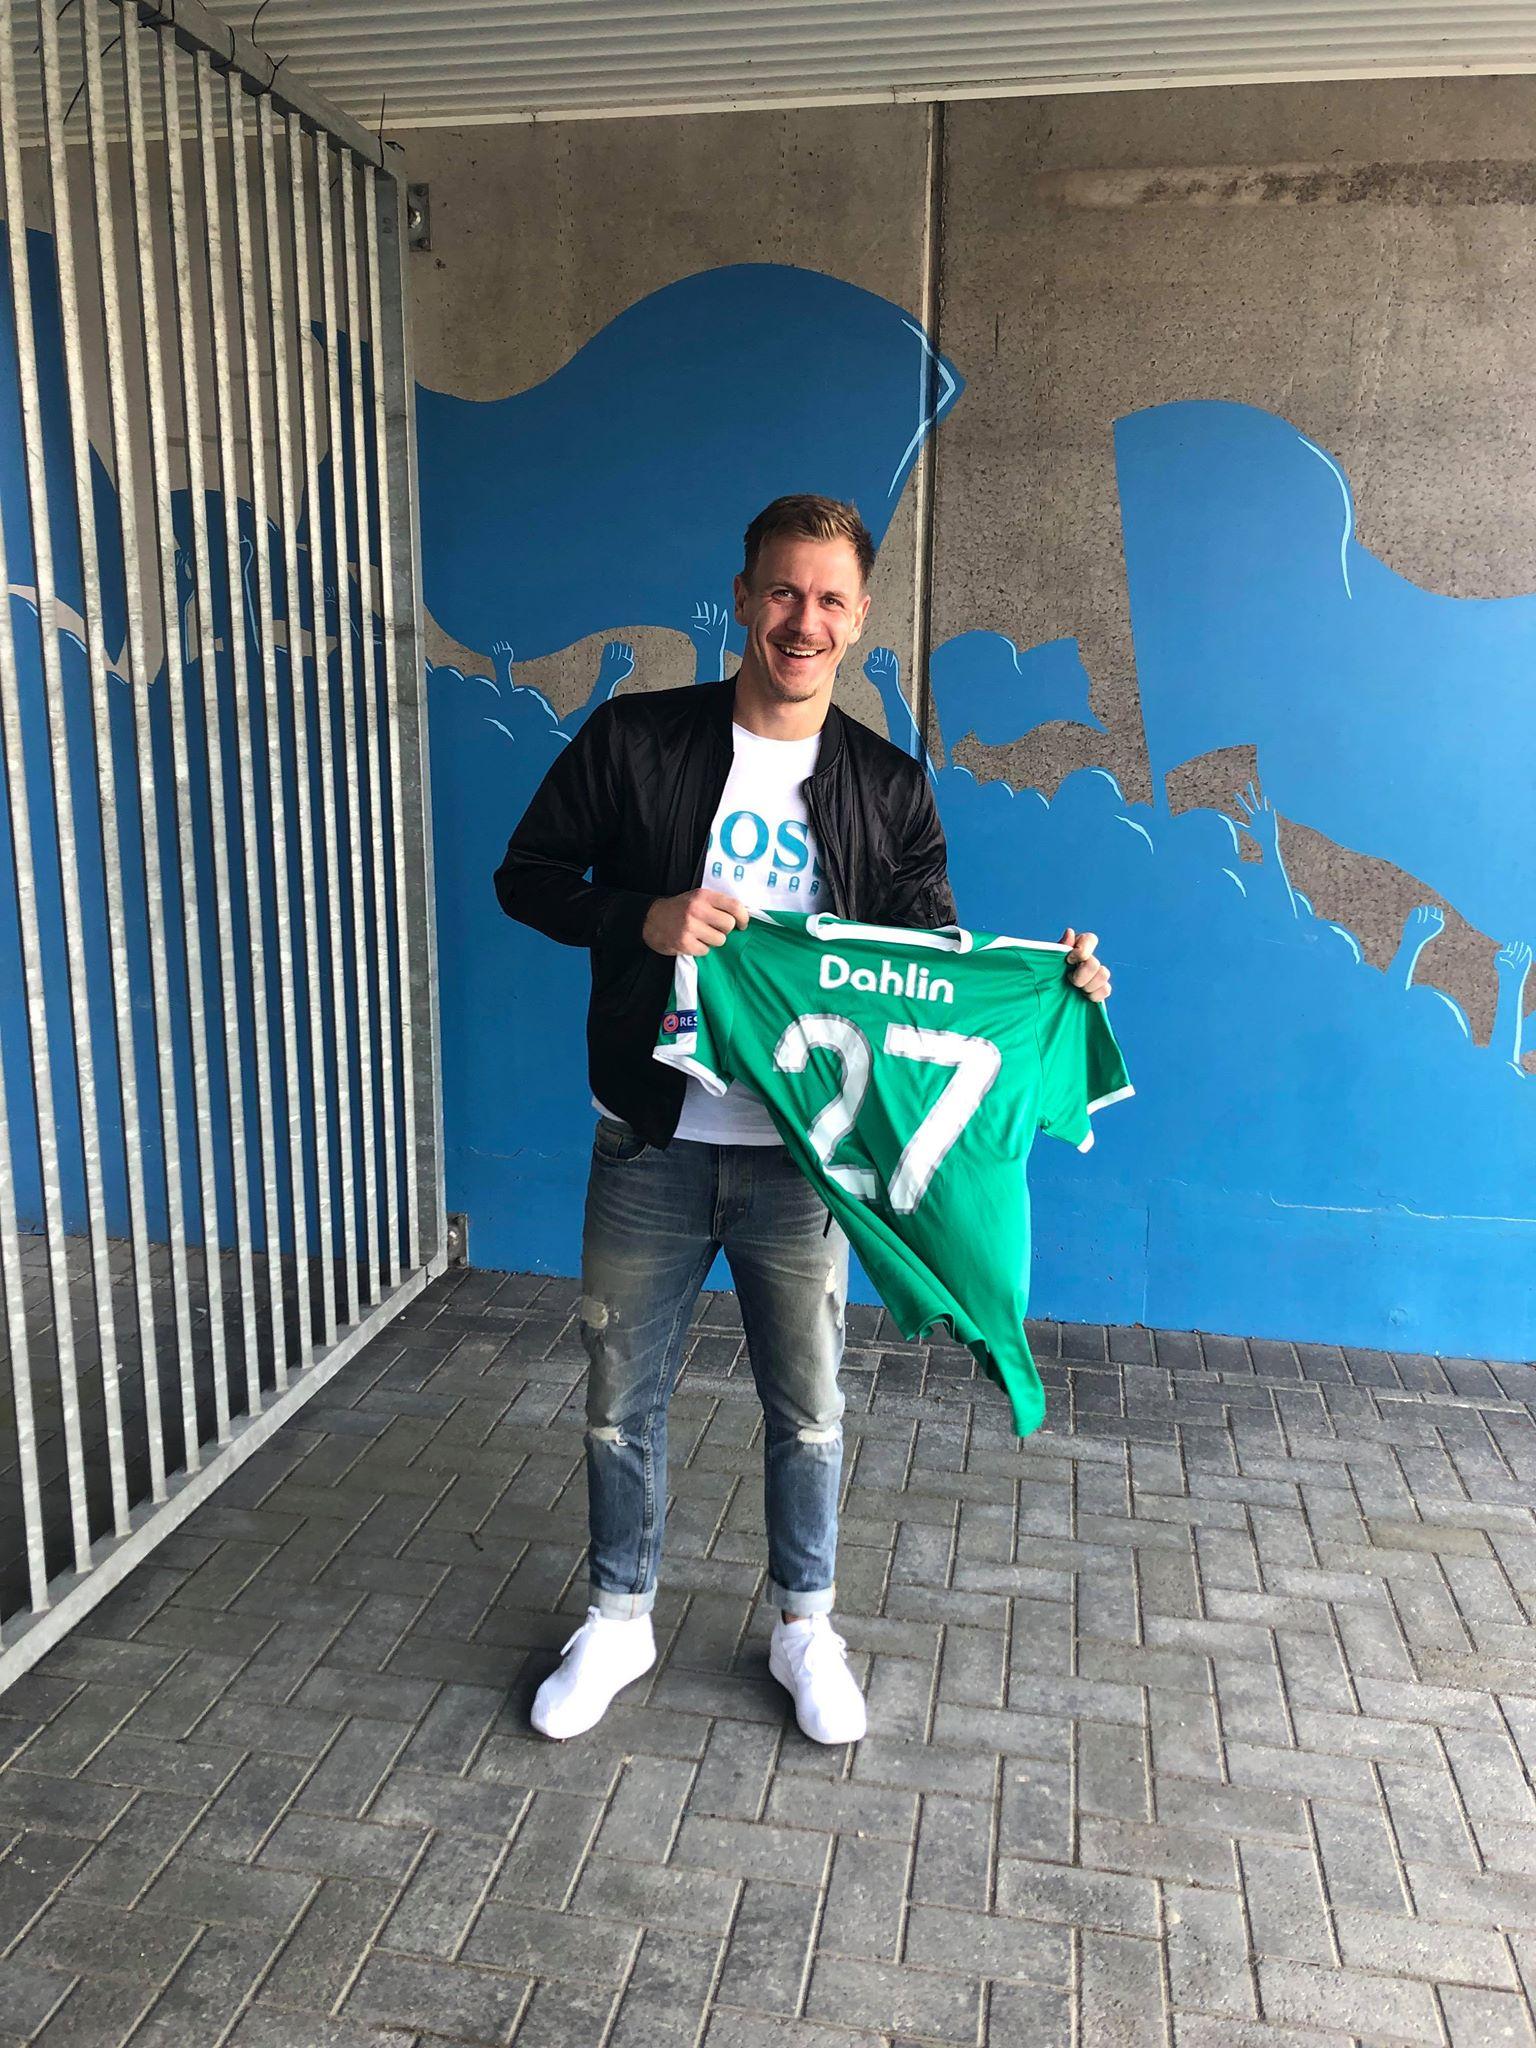 Johan Dahlins Europa League Tröja Signerad av hela truppen